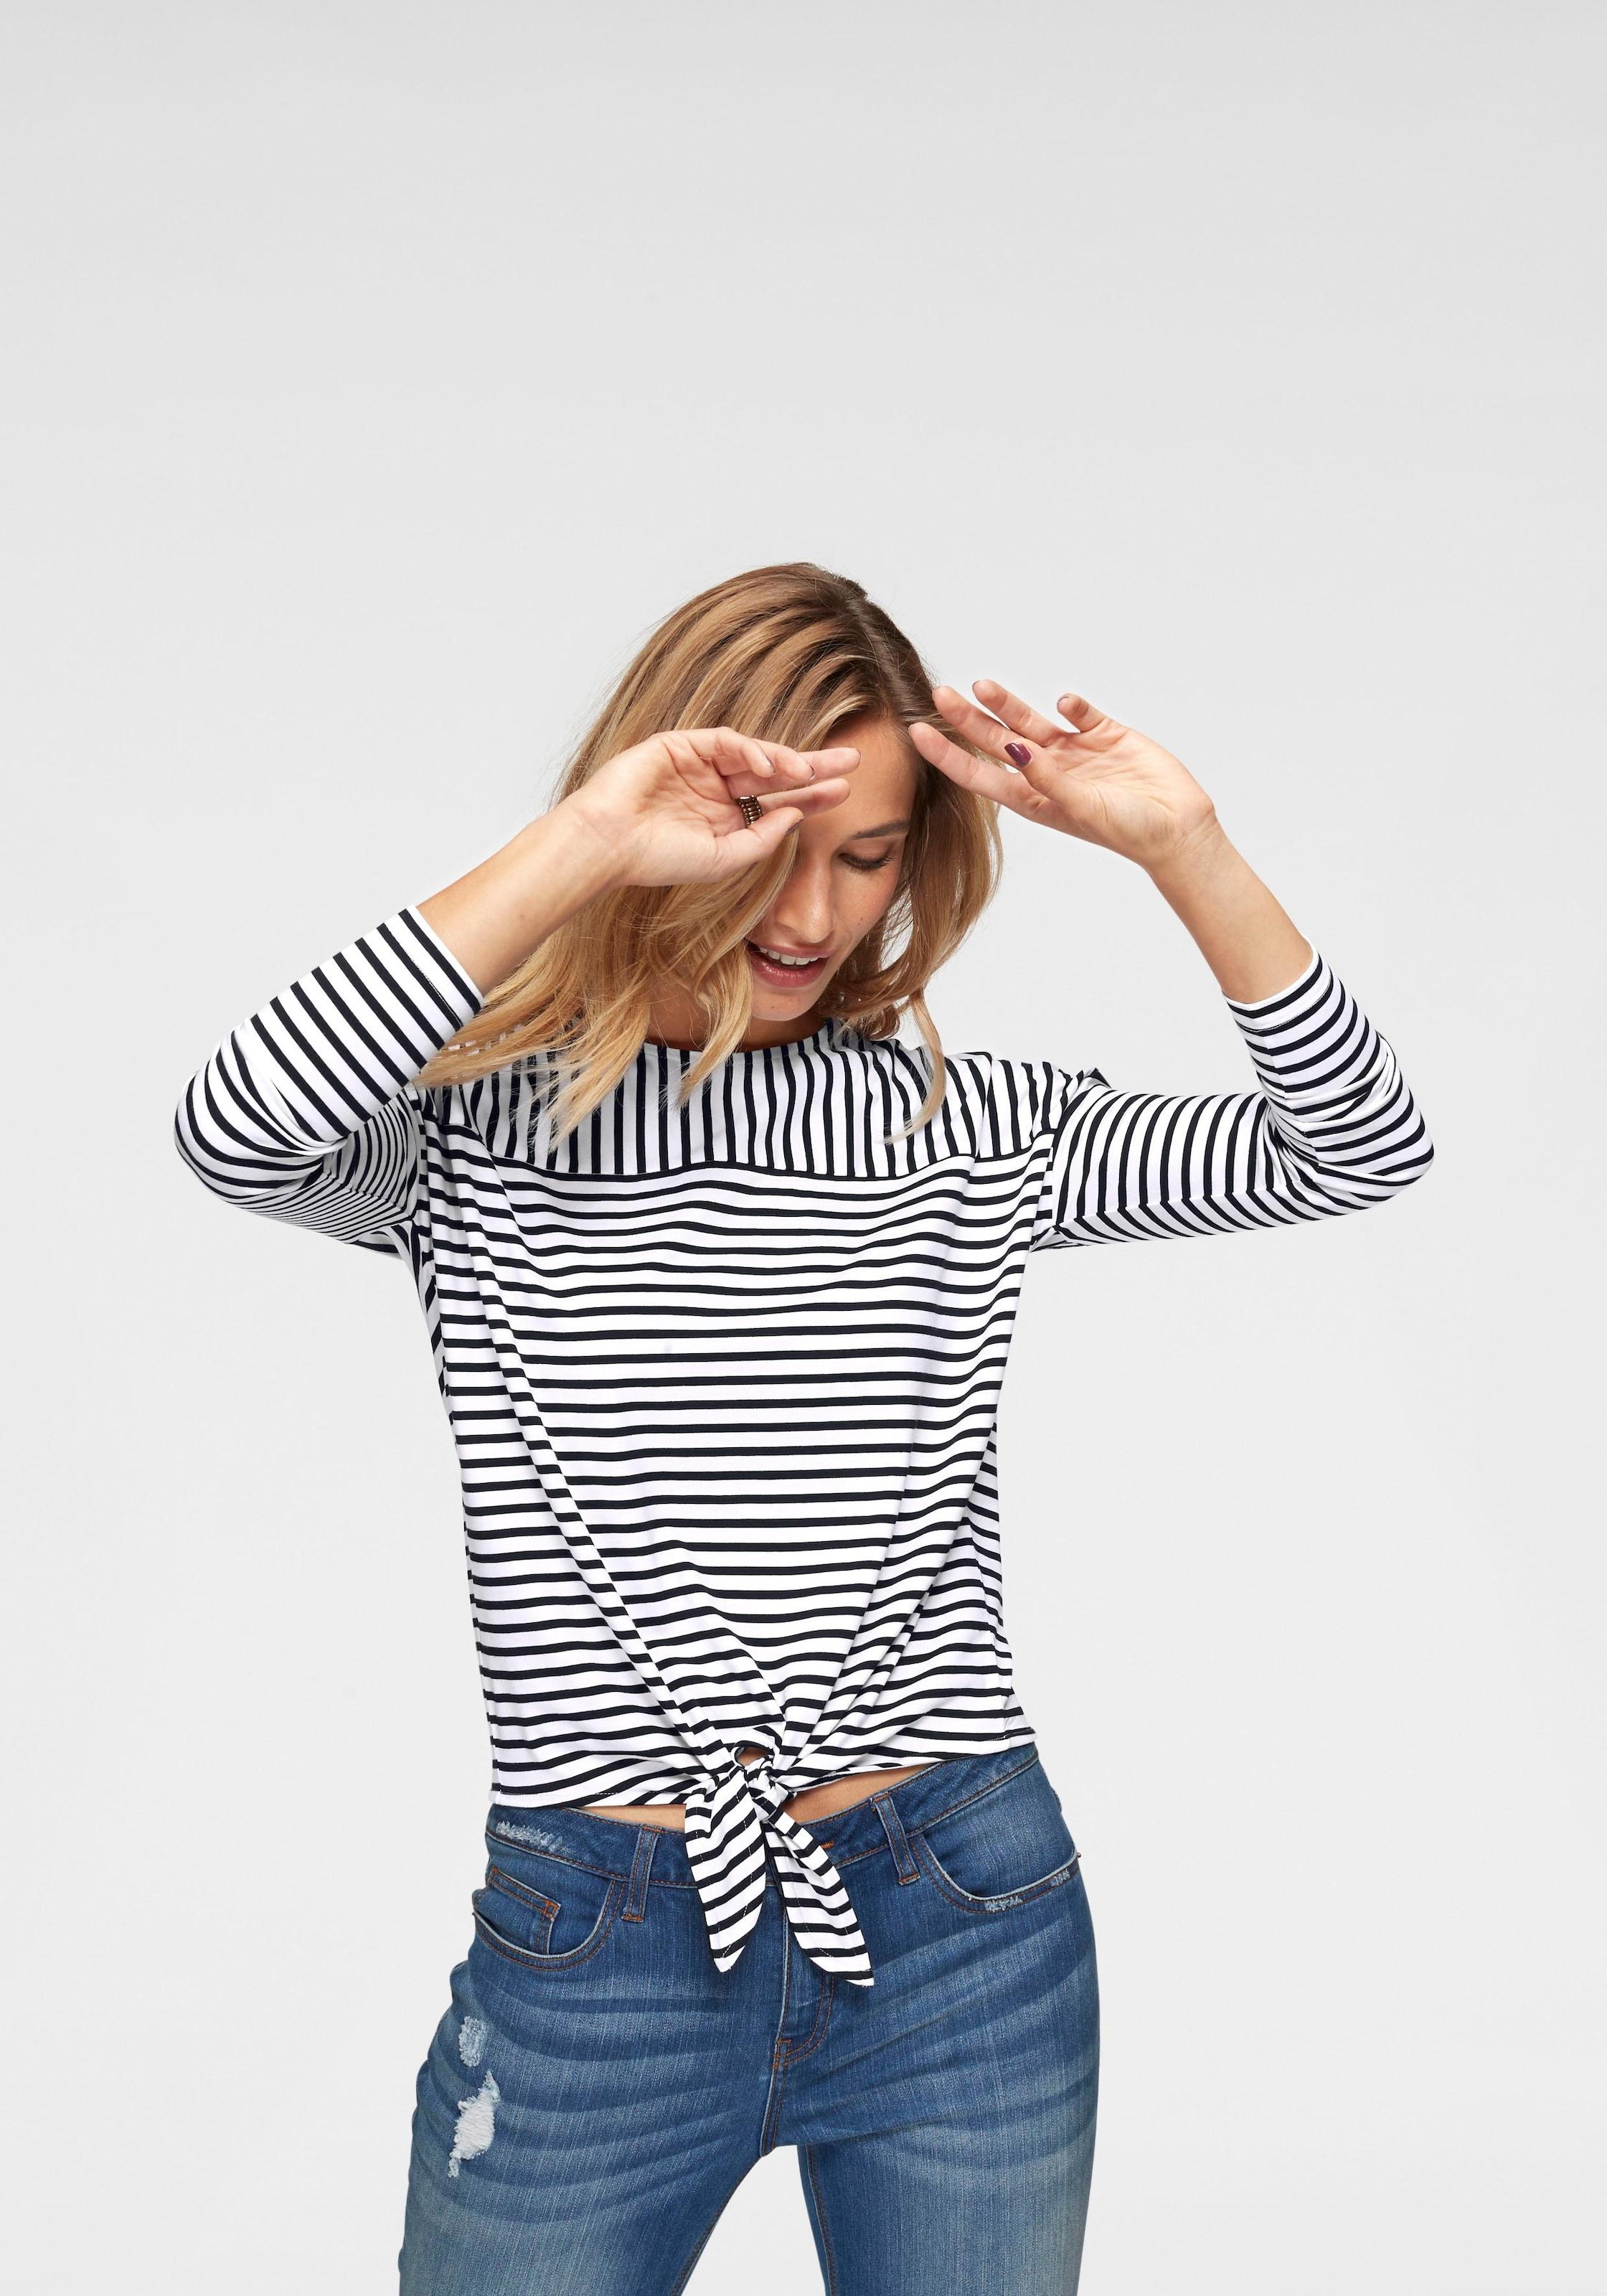 Image of Aniston by BAUR Langarmshirt, vorne mit Bindeband zu knoten